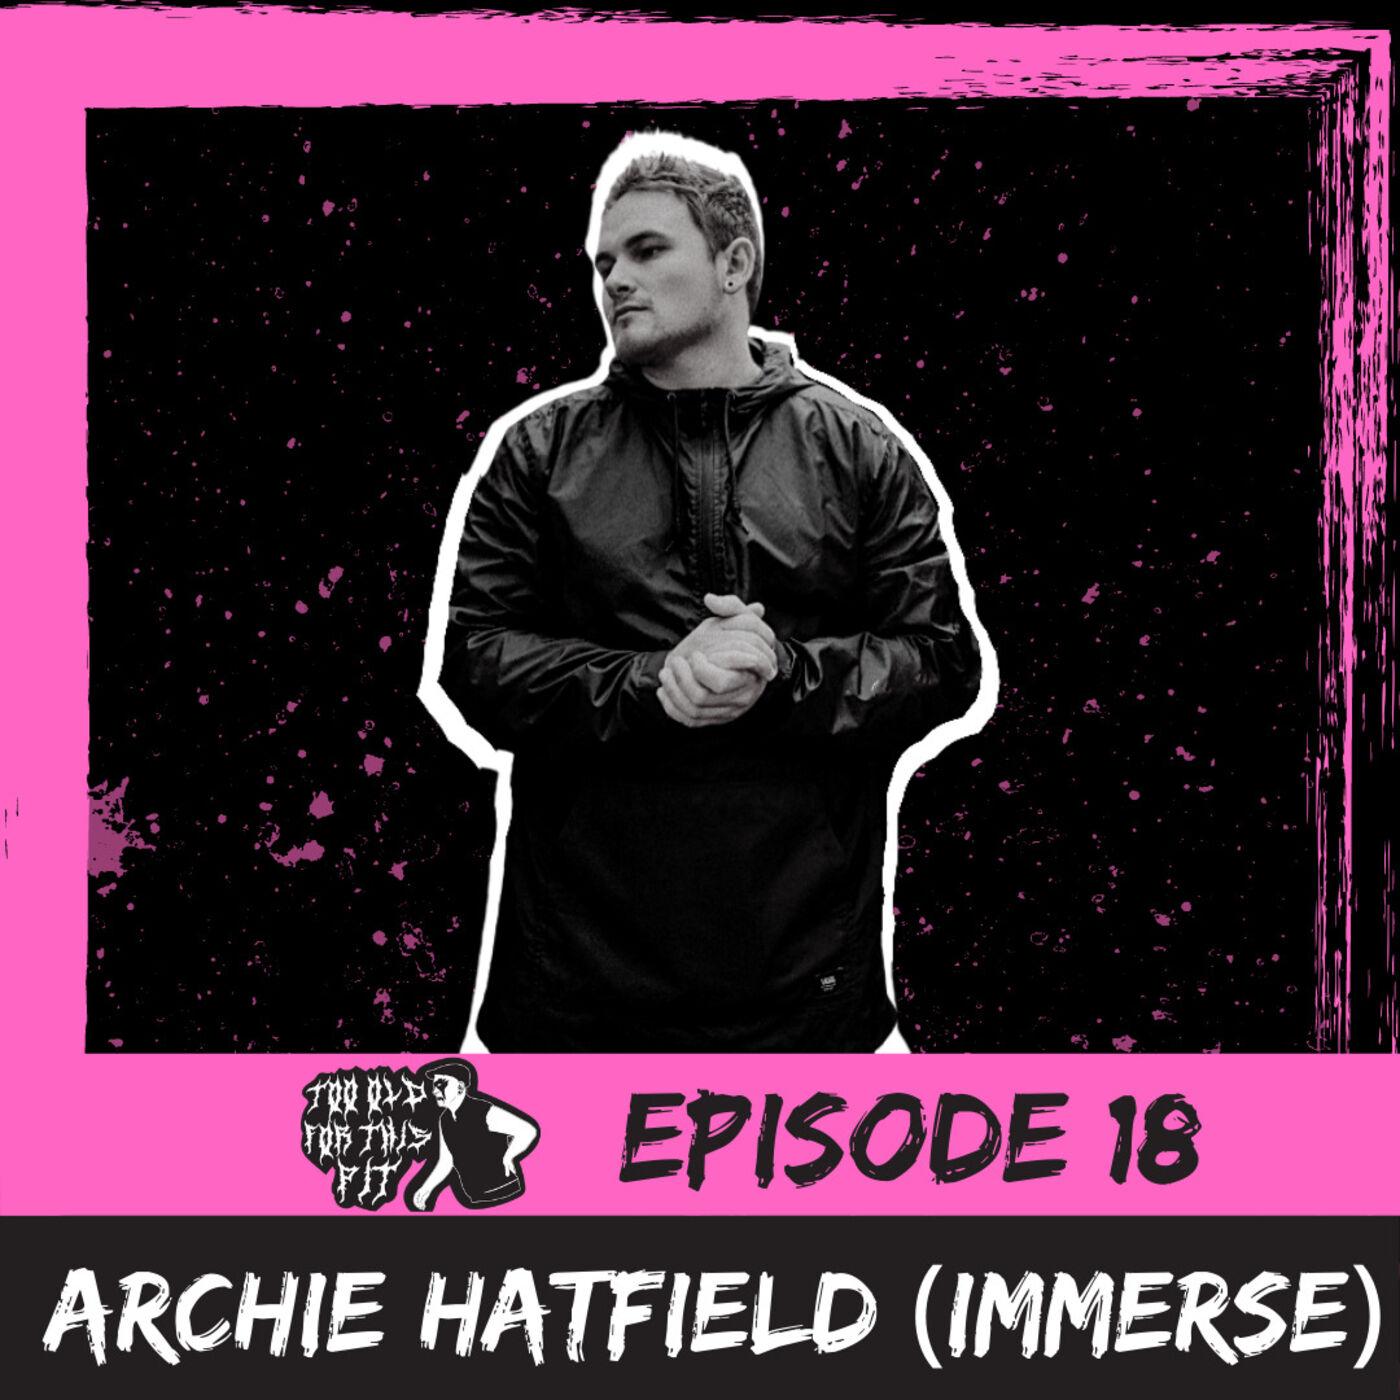 Episode 18 - Archie Hatfield (Immerse)